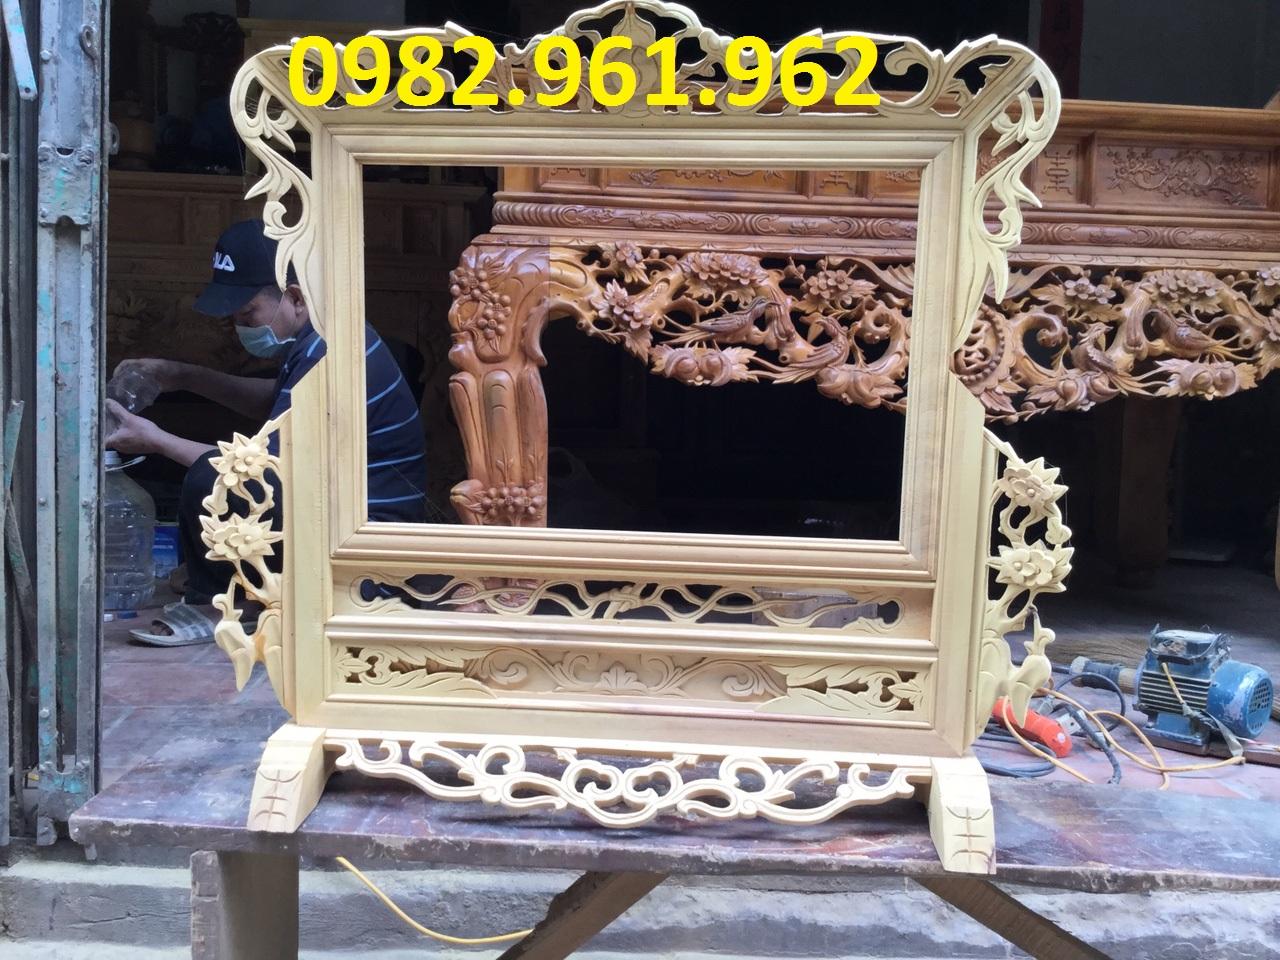 khung ảnh thờ đôi bằng gỗ